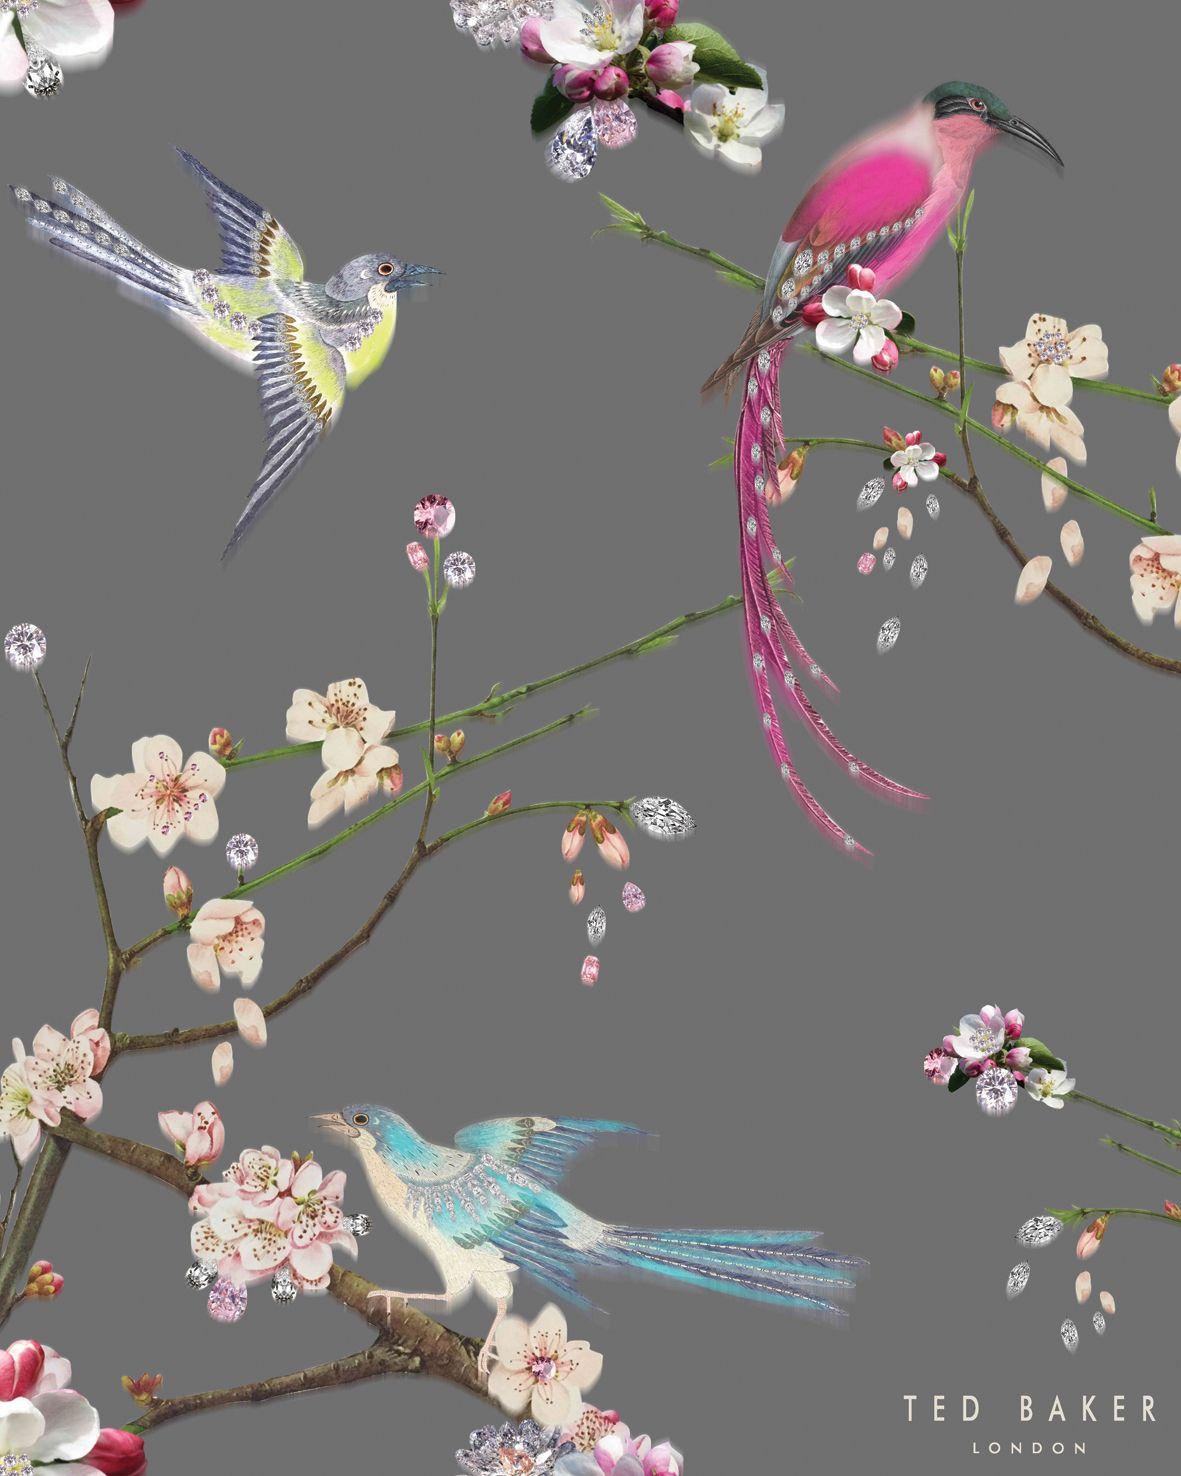 Ted Baker Flight of the Orient glass Splashback | PAINTINGS | Pinterest